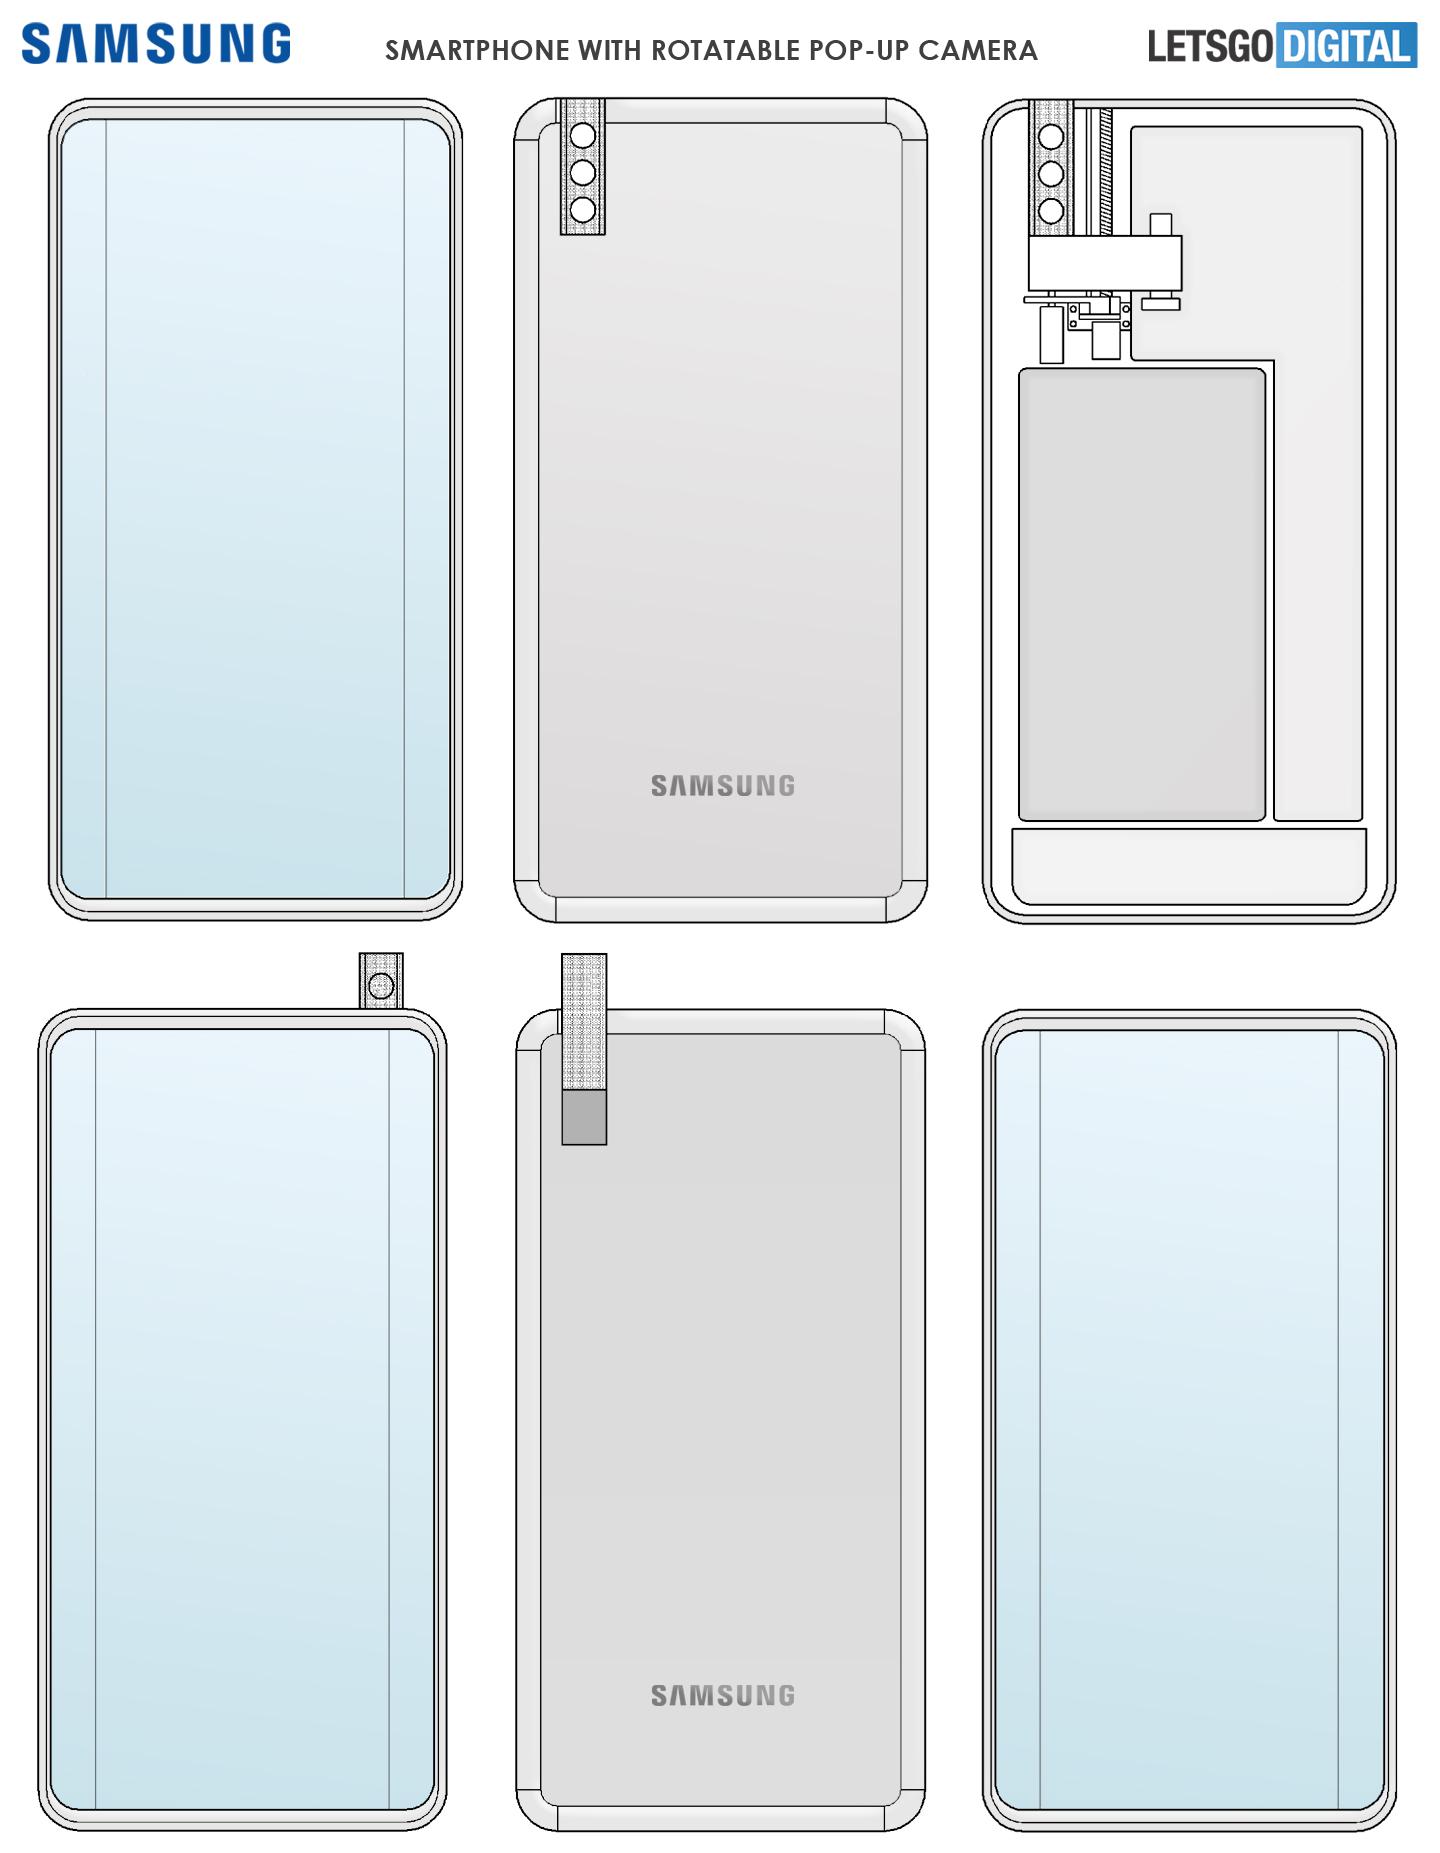 Samsung smartphone roterende pop-up camera